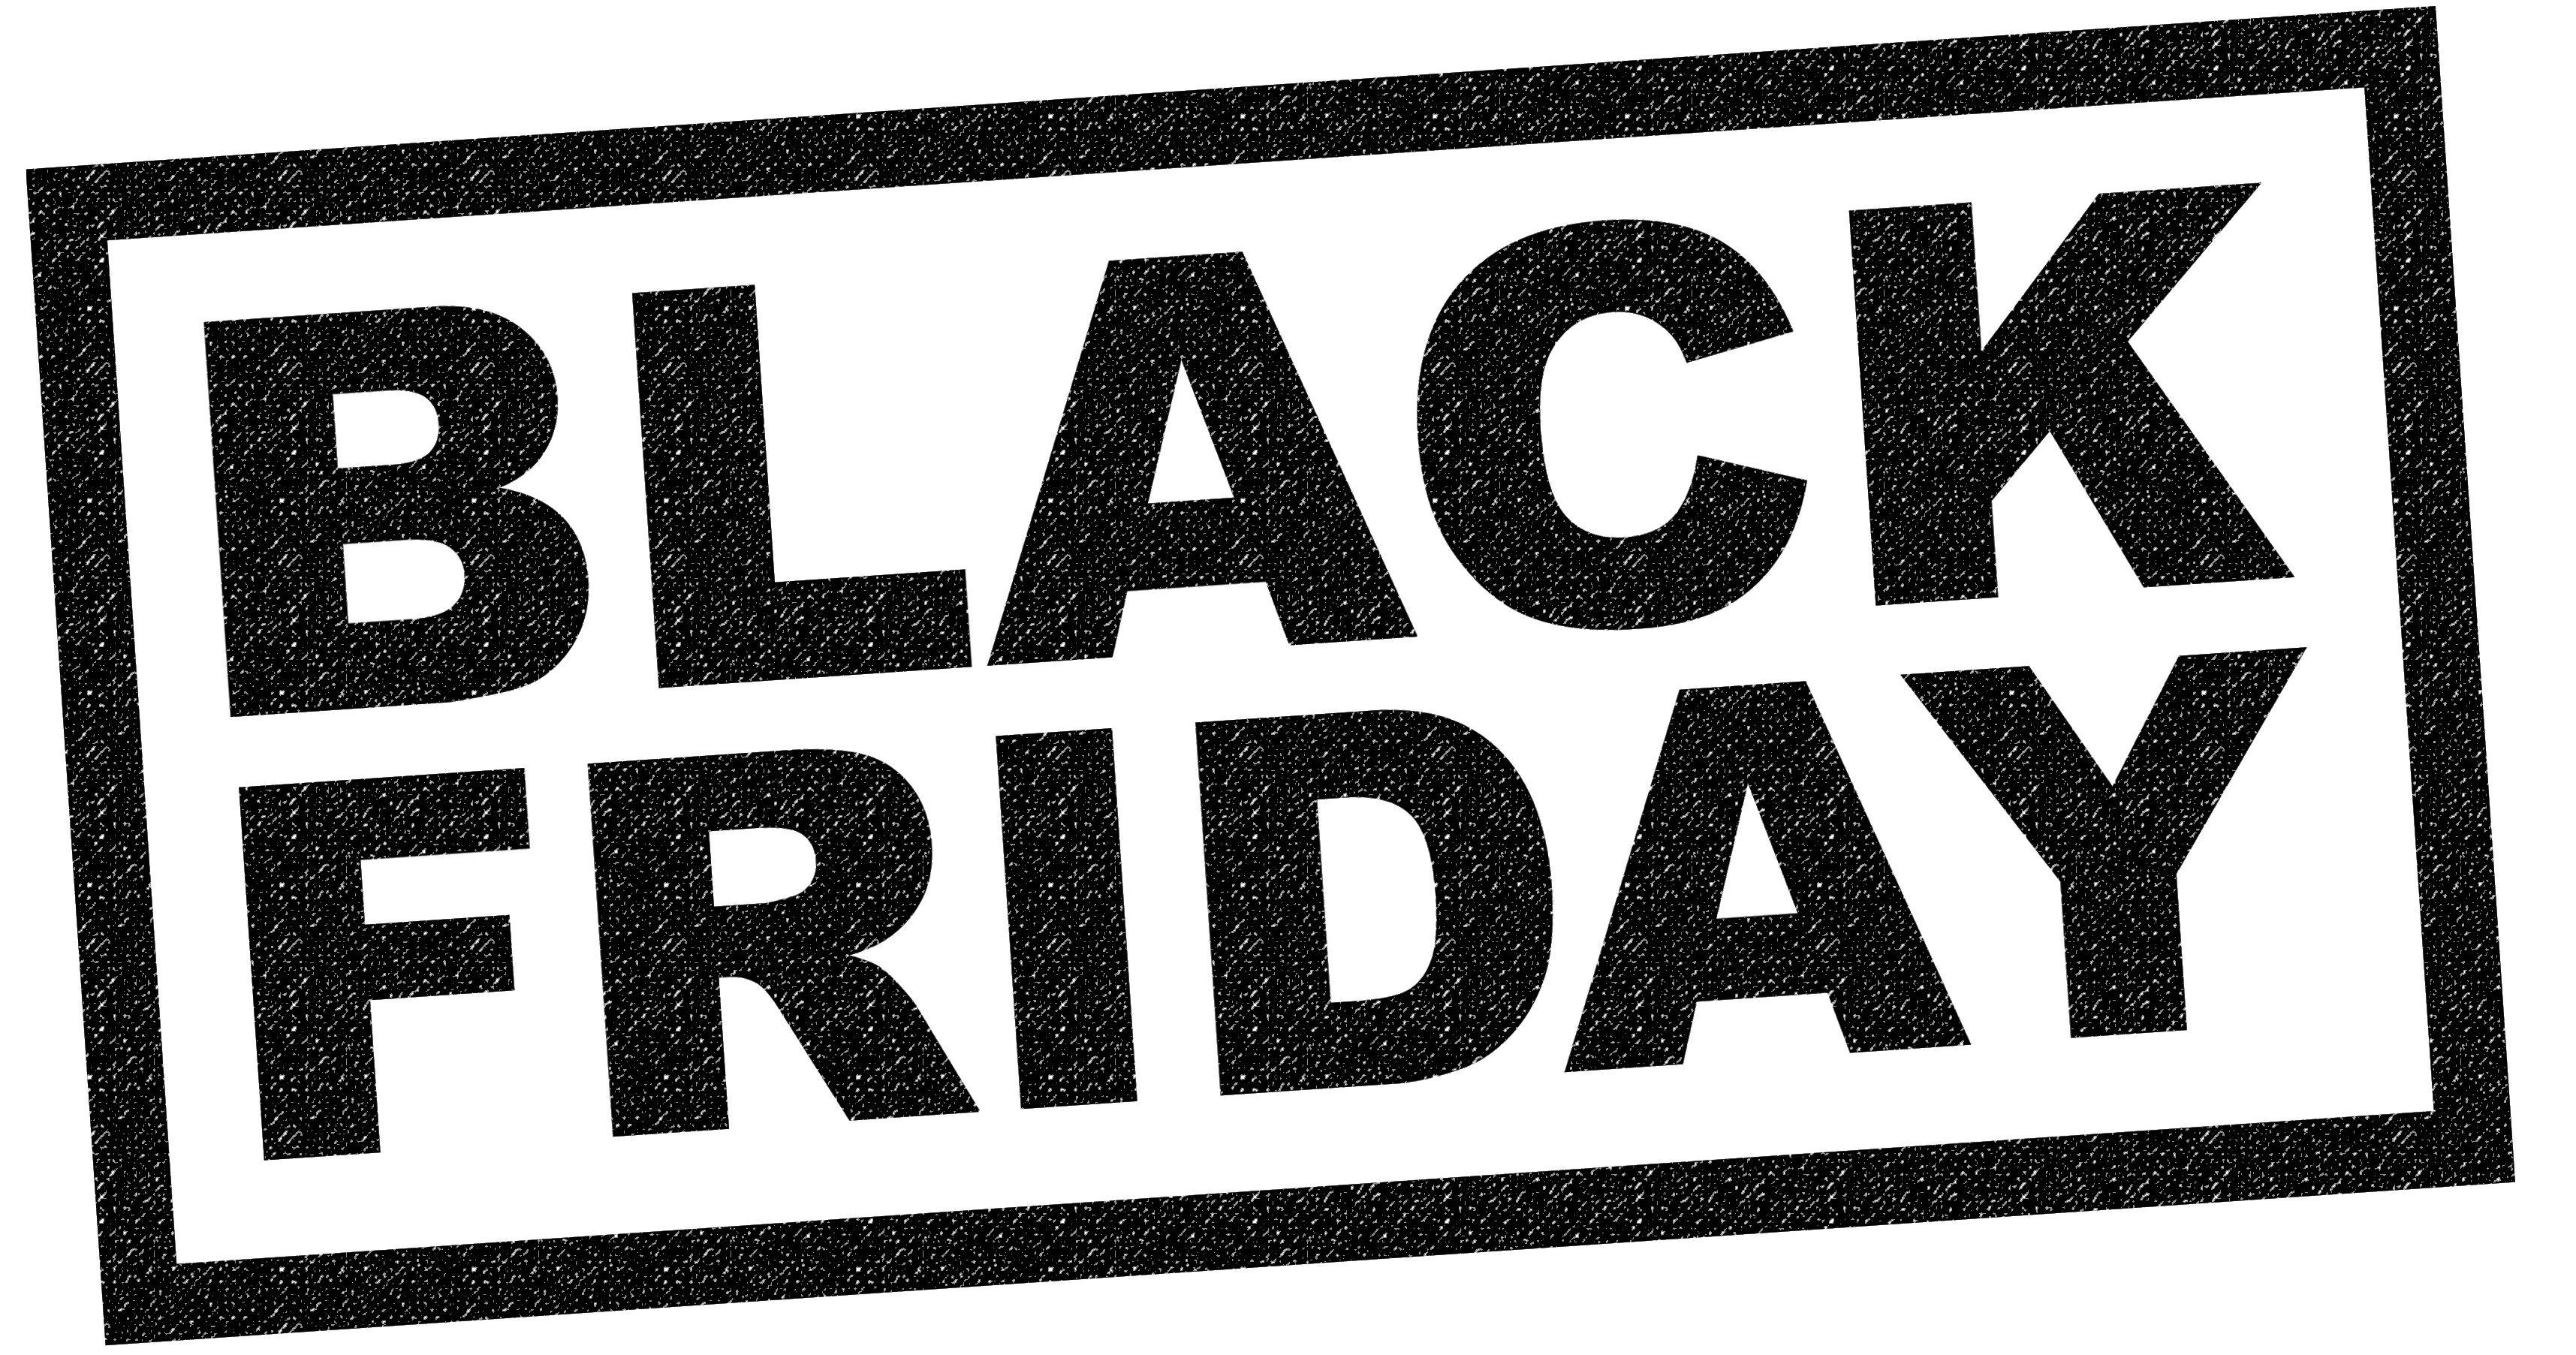 4dbfe2f13 Seis em cada dez consumidores pretendem comprar na Black Friday 2018,  aponta pesquisa CNDL/SPC Brasil